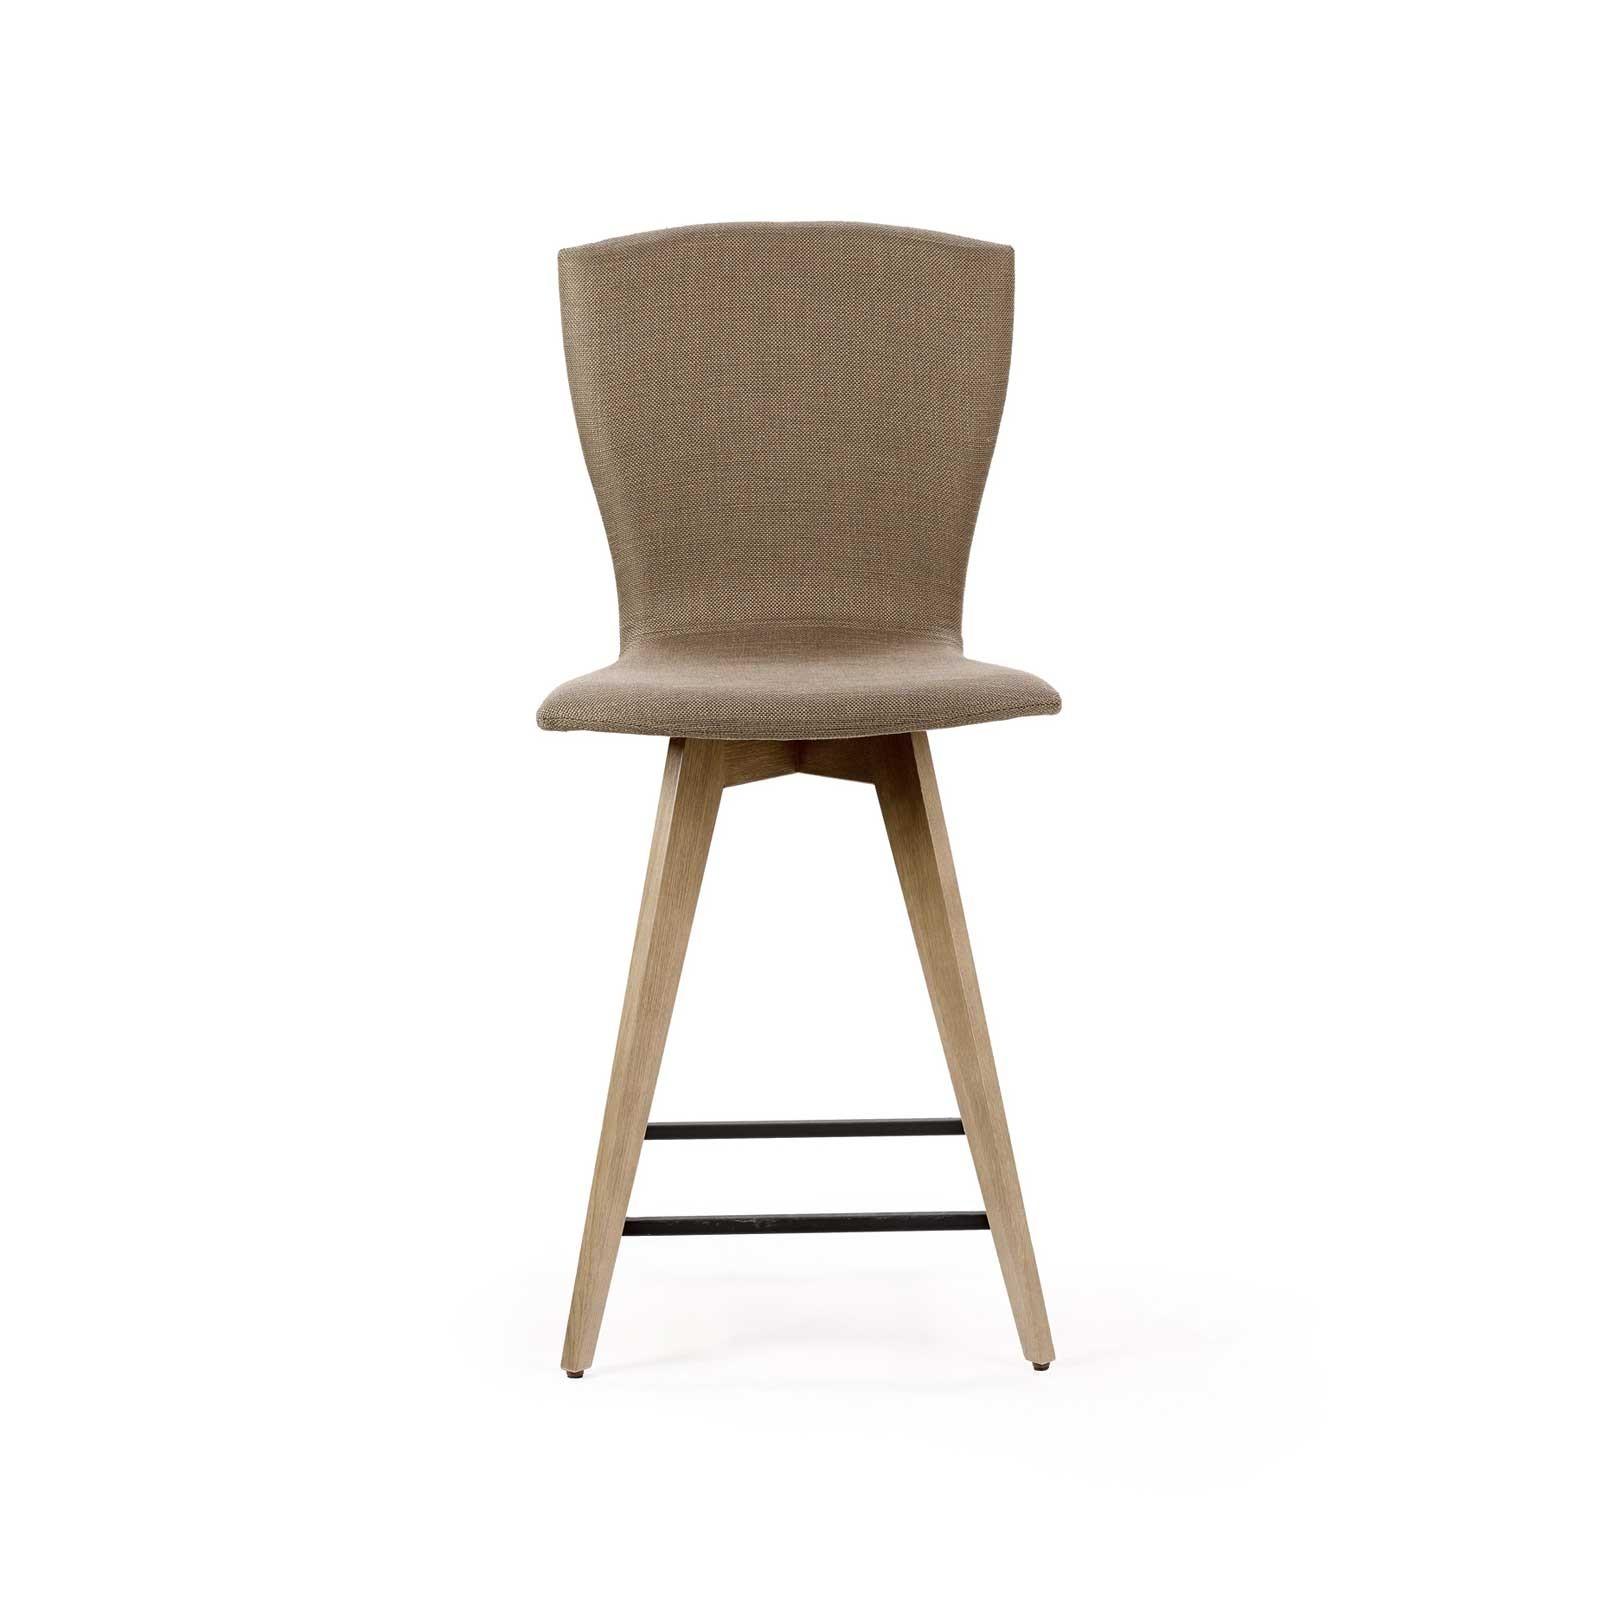 Jay 21 Counter and bar stools